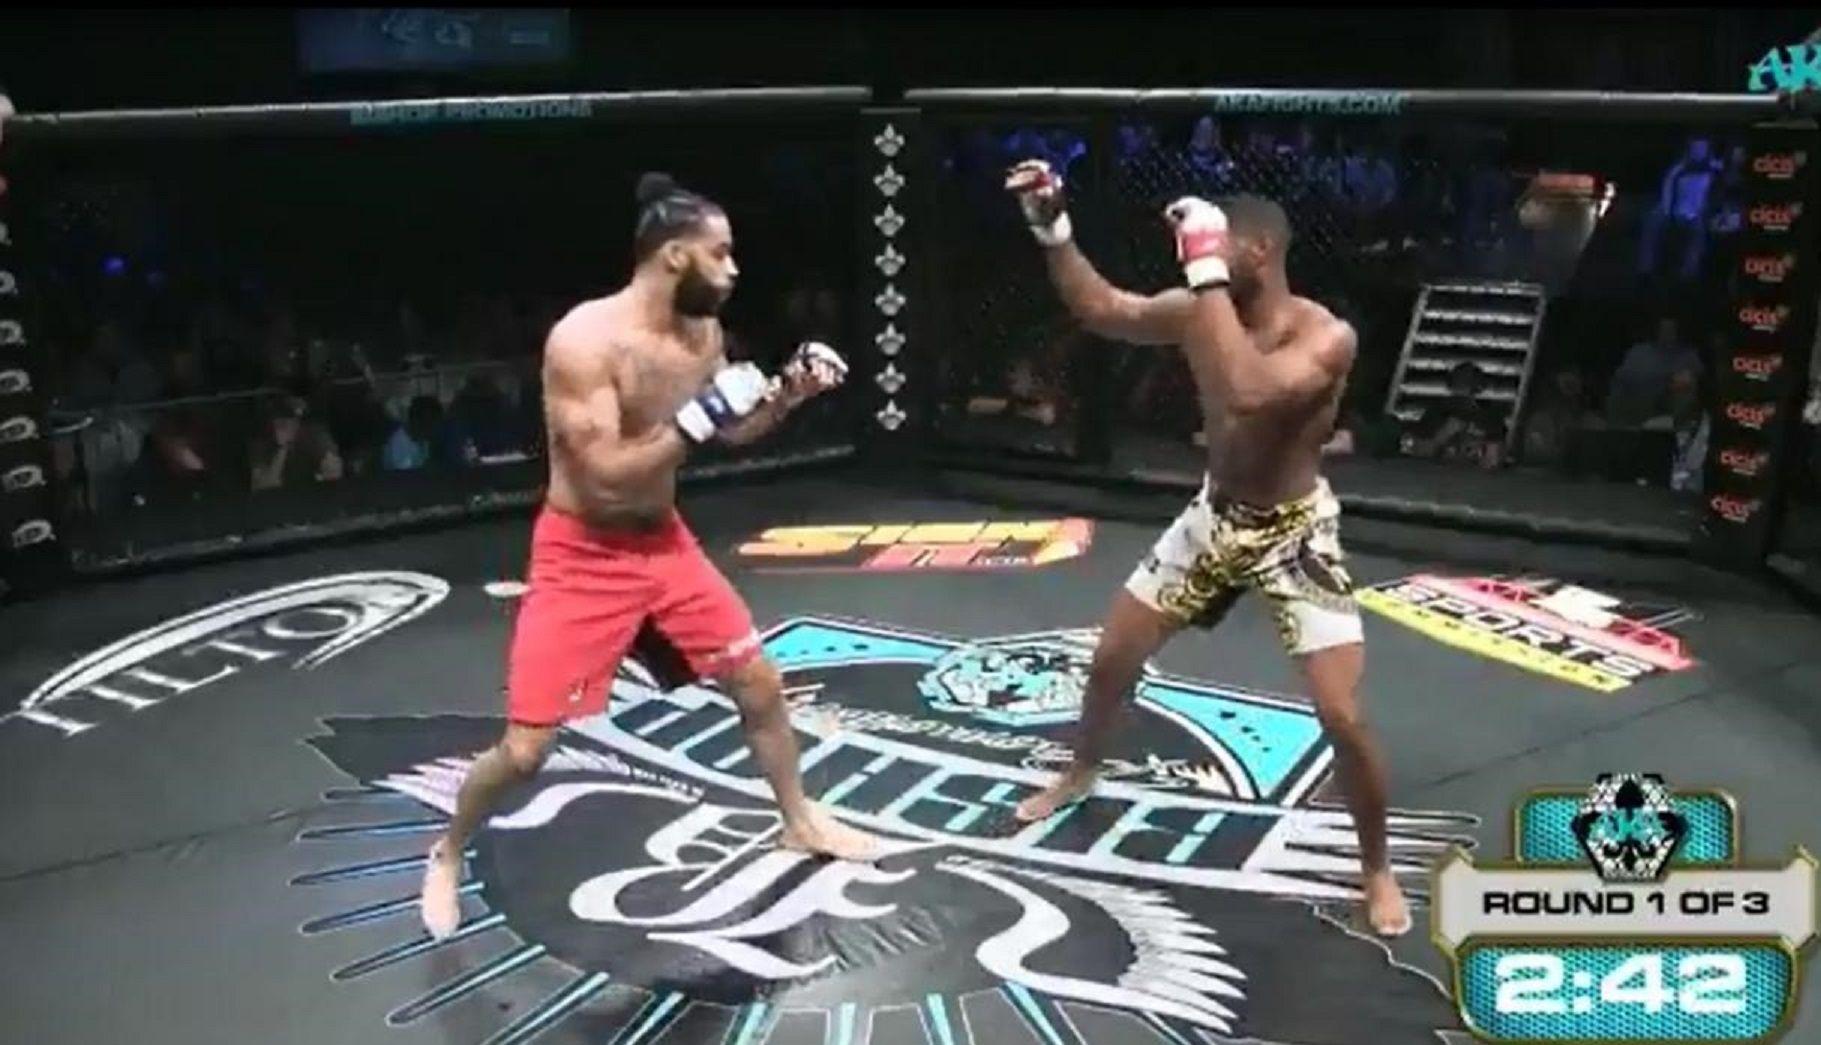 VIDEO: La escalofriante lesión de un luchador de MMA en pleno combate